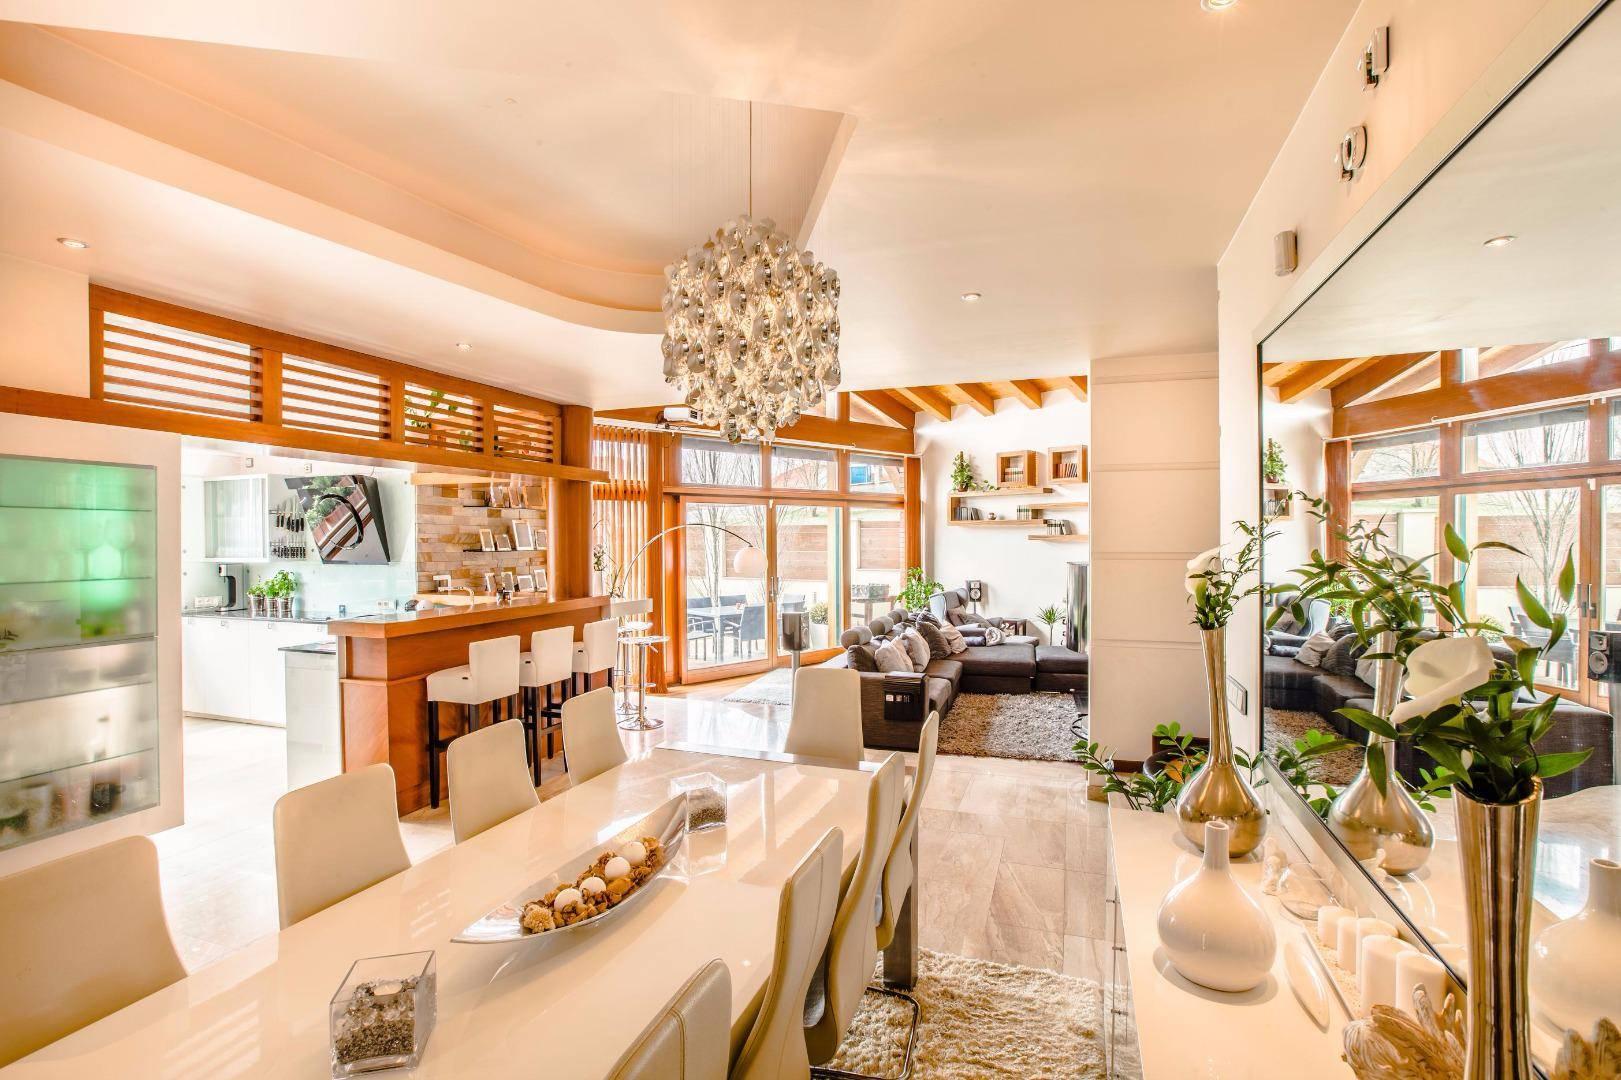 Madárcsicsergős luxus ingatlanok az agglomerációból